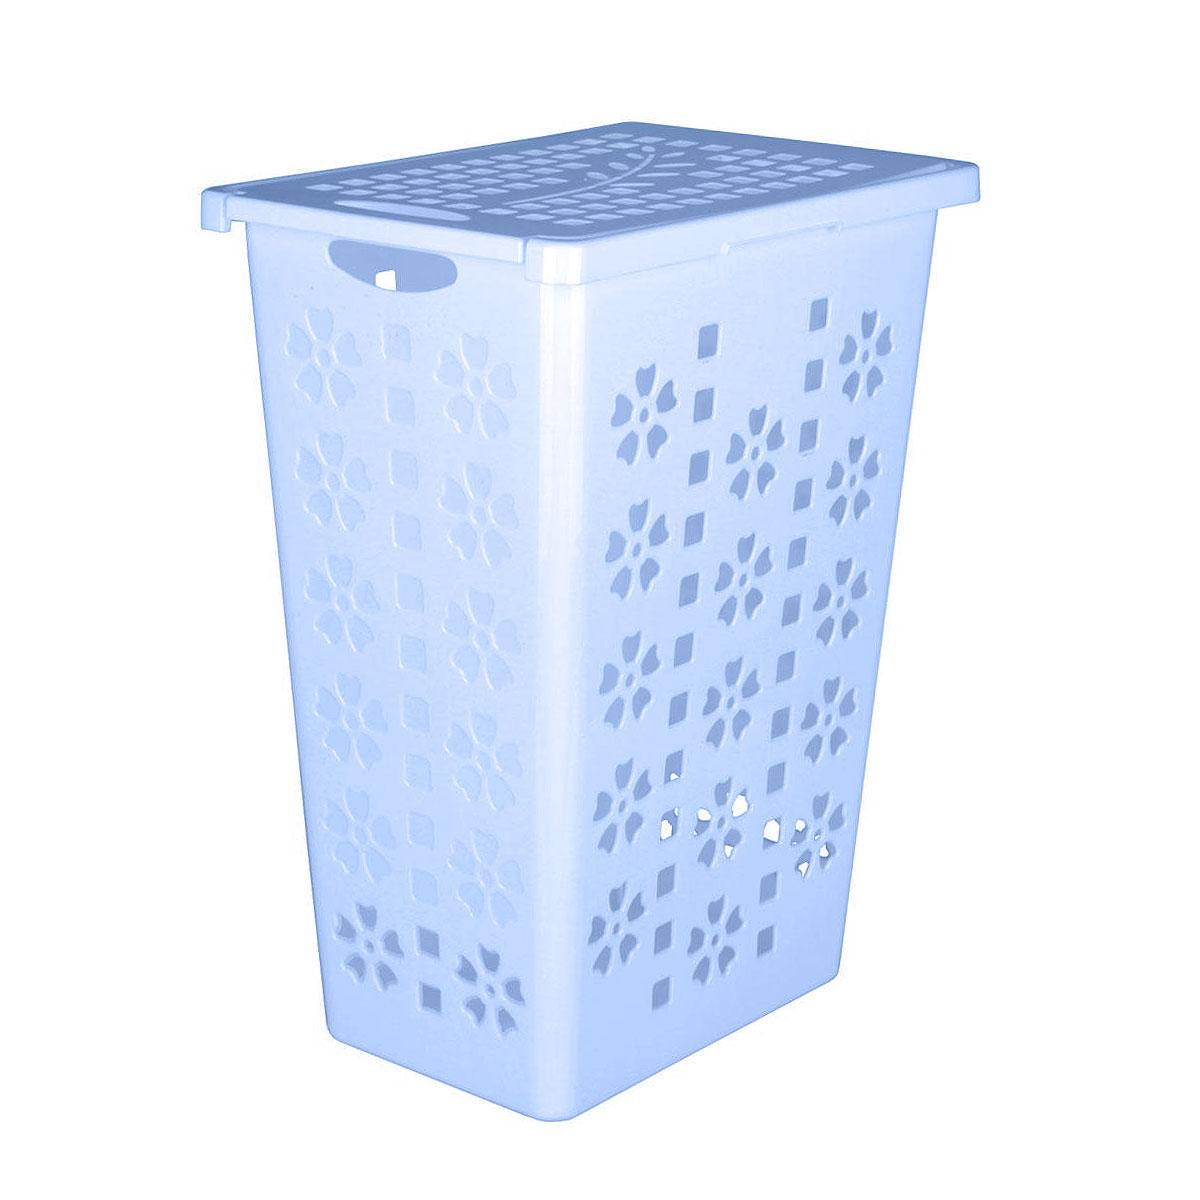 Корзина для белья Альтернатива Виолетта, цвет: голубой, 30 лМ2444Легкая и удобная корзина Альтернатива Виолетта прямоугольной формы, изготовлена из пластика. Она отлично подойдет для хранения белья перед стиркой. Корзина, декорированная небольшими отверстиями в форме цветов и квадратиков, скрывает содержимое корзины от посторонних. Отверстия создают идеальные условия для проветривания. Изделие оснащено крышкой и отверстием для переноски корзины. Такая корзина для белья прекрасно впишется в интерьер ванной комнаты.